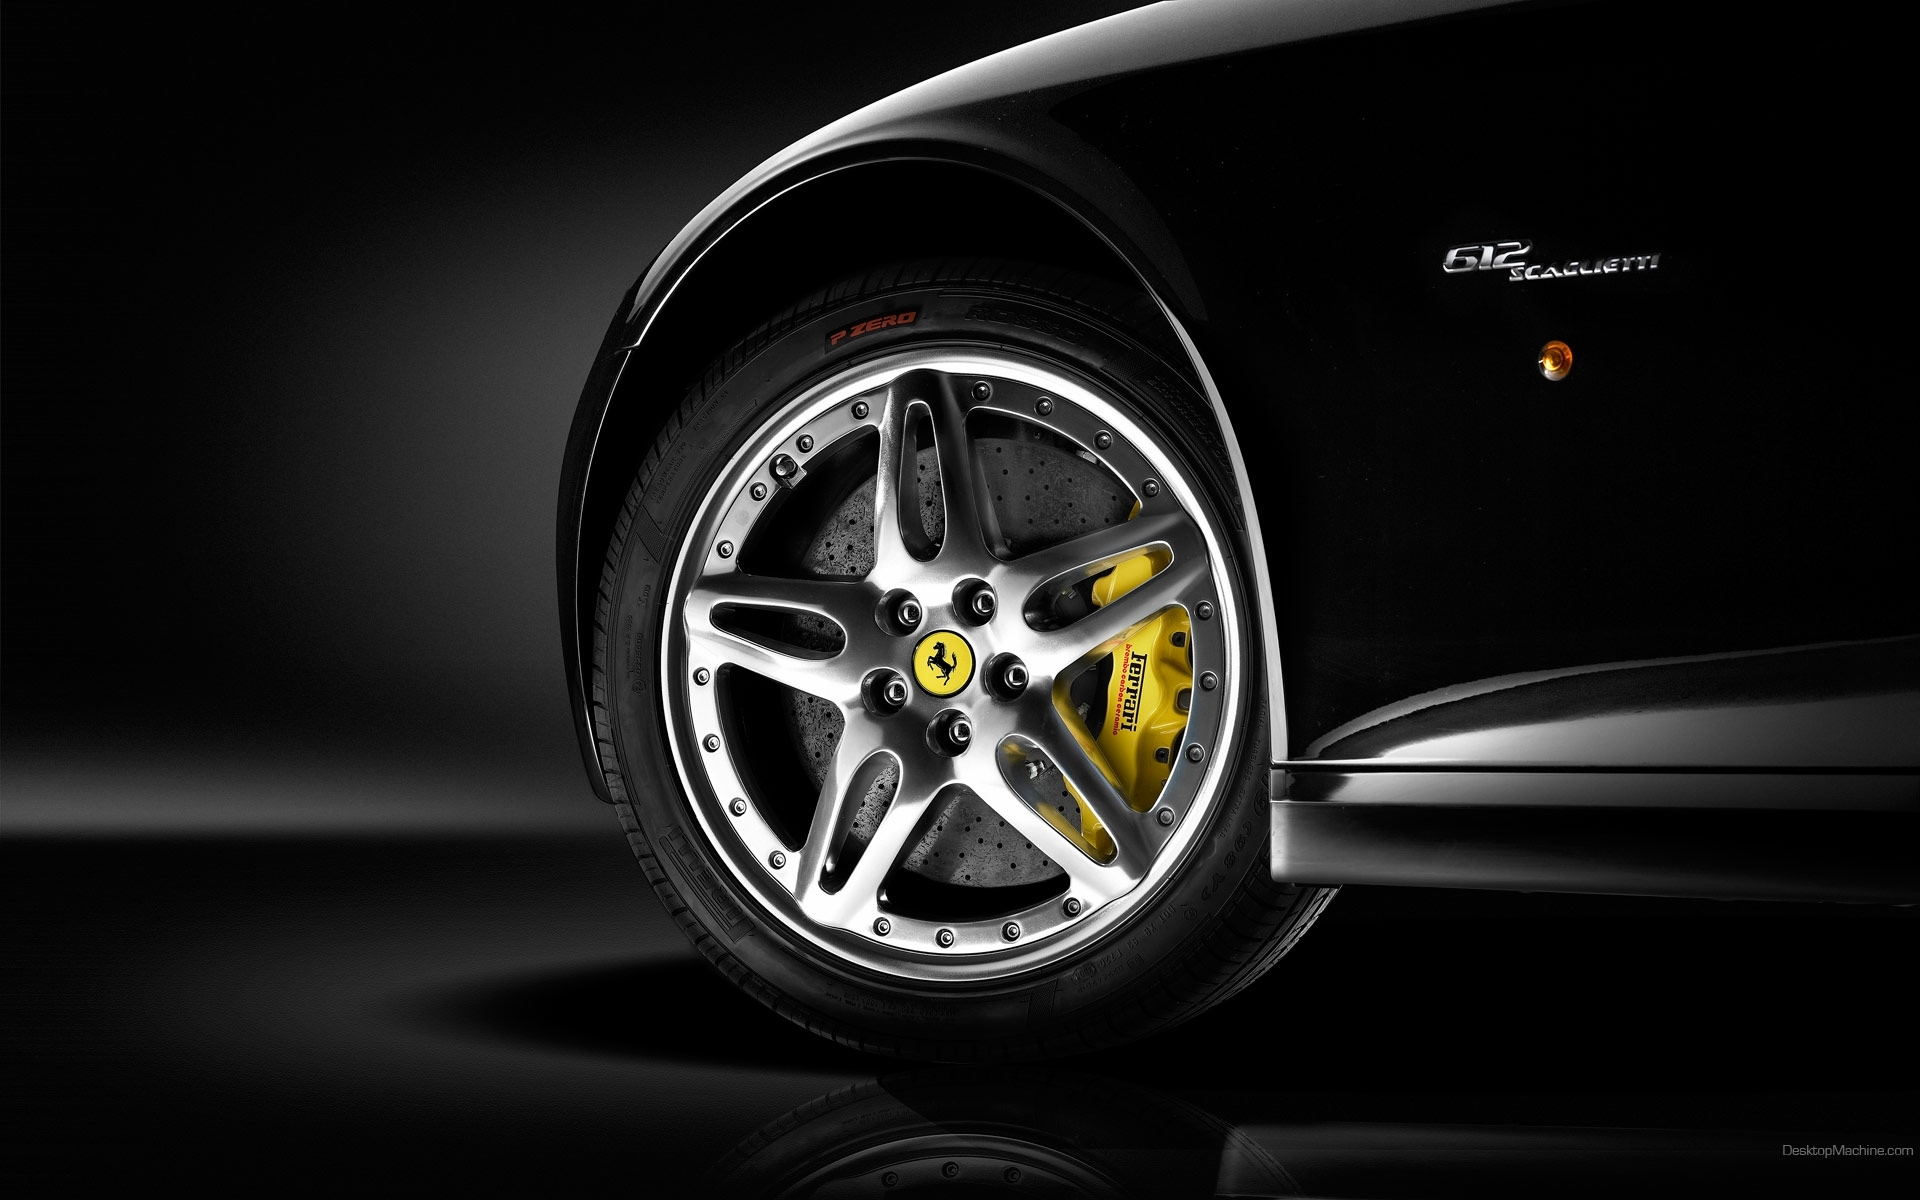 9056 скачать обои Транспорт, Машины, Феррари (Ferrari) - заставки и картинки бесплатно